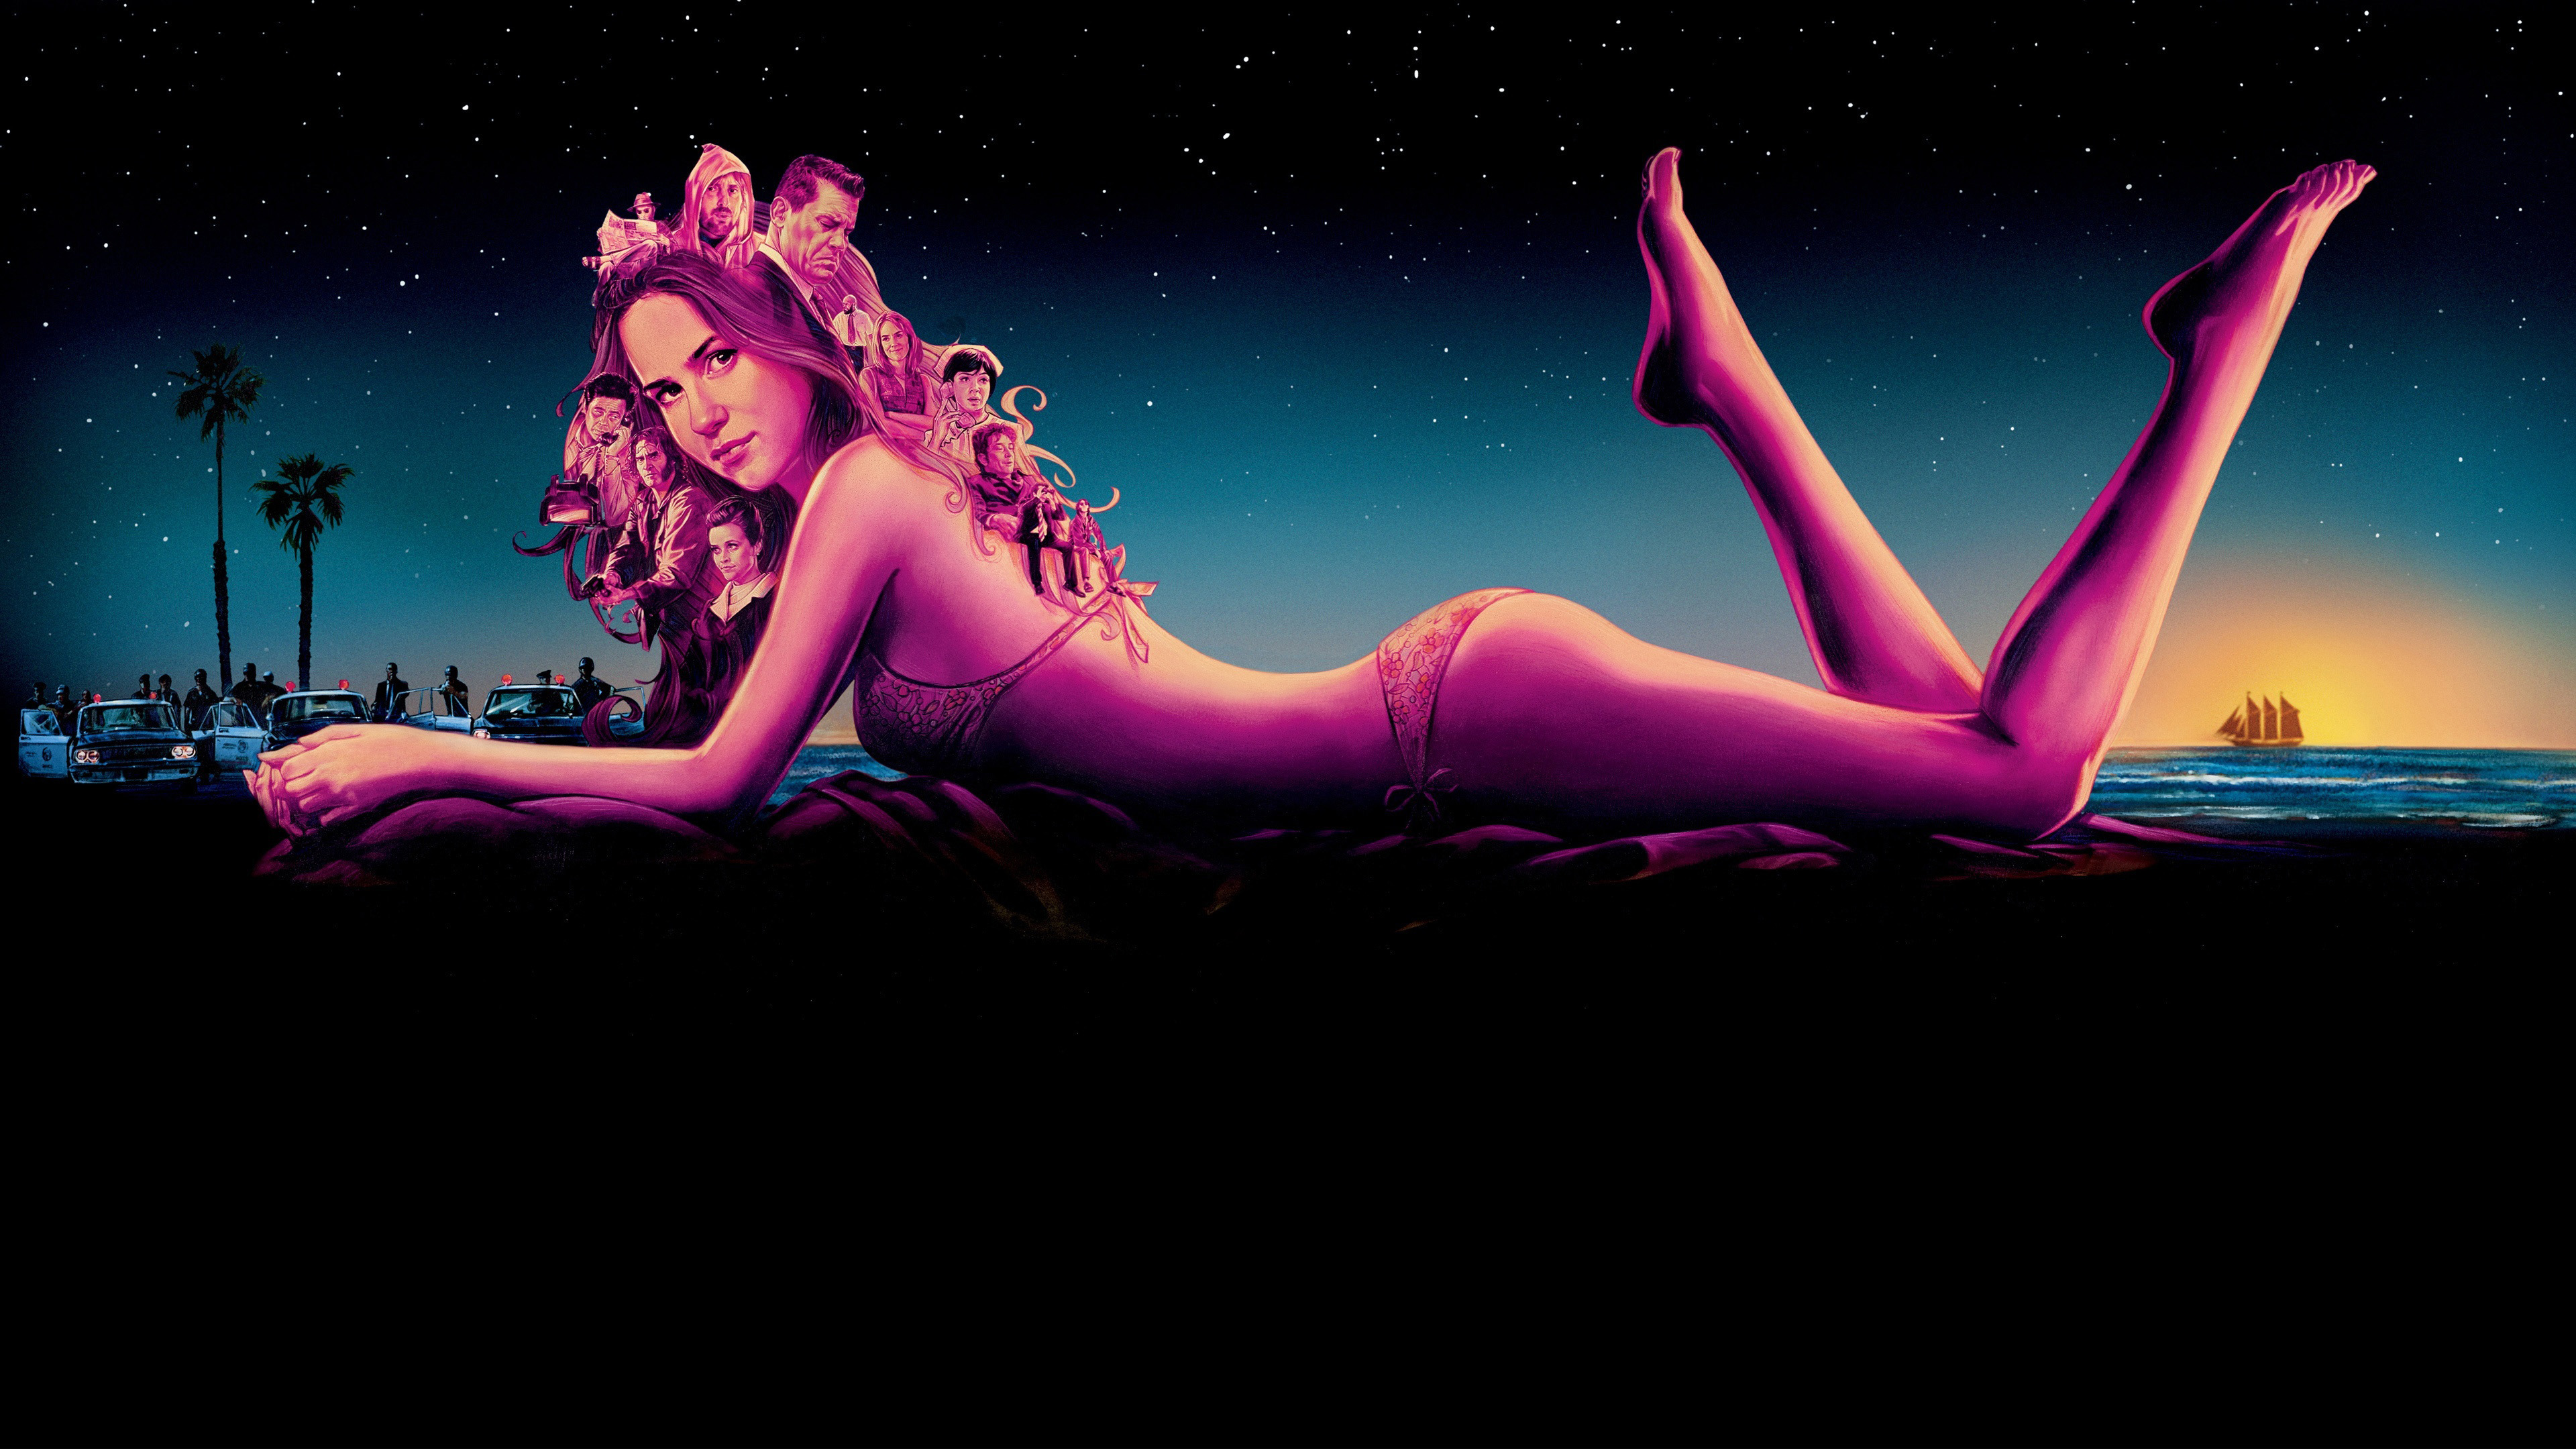 Девушка в купальнике на берегу моря в золотисто-розовых лучах солнца и звездного ночного неба